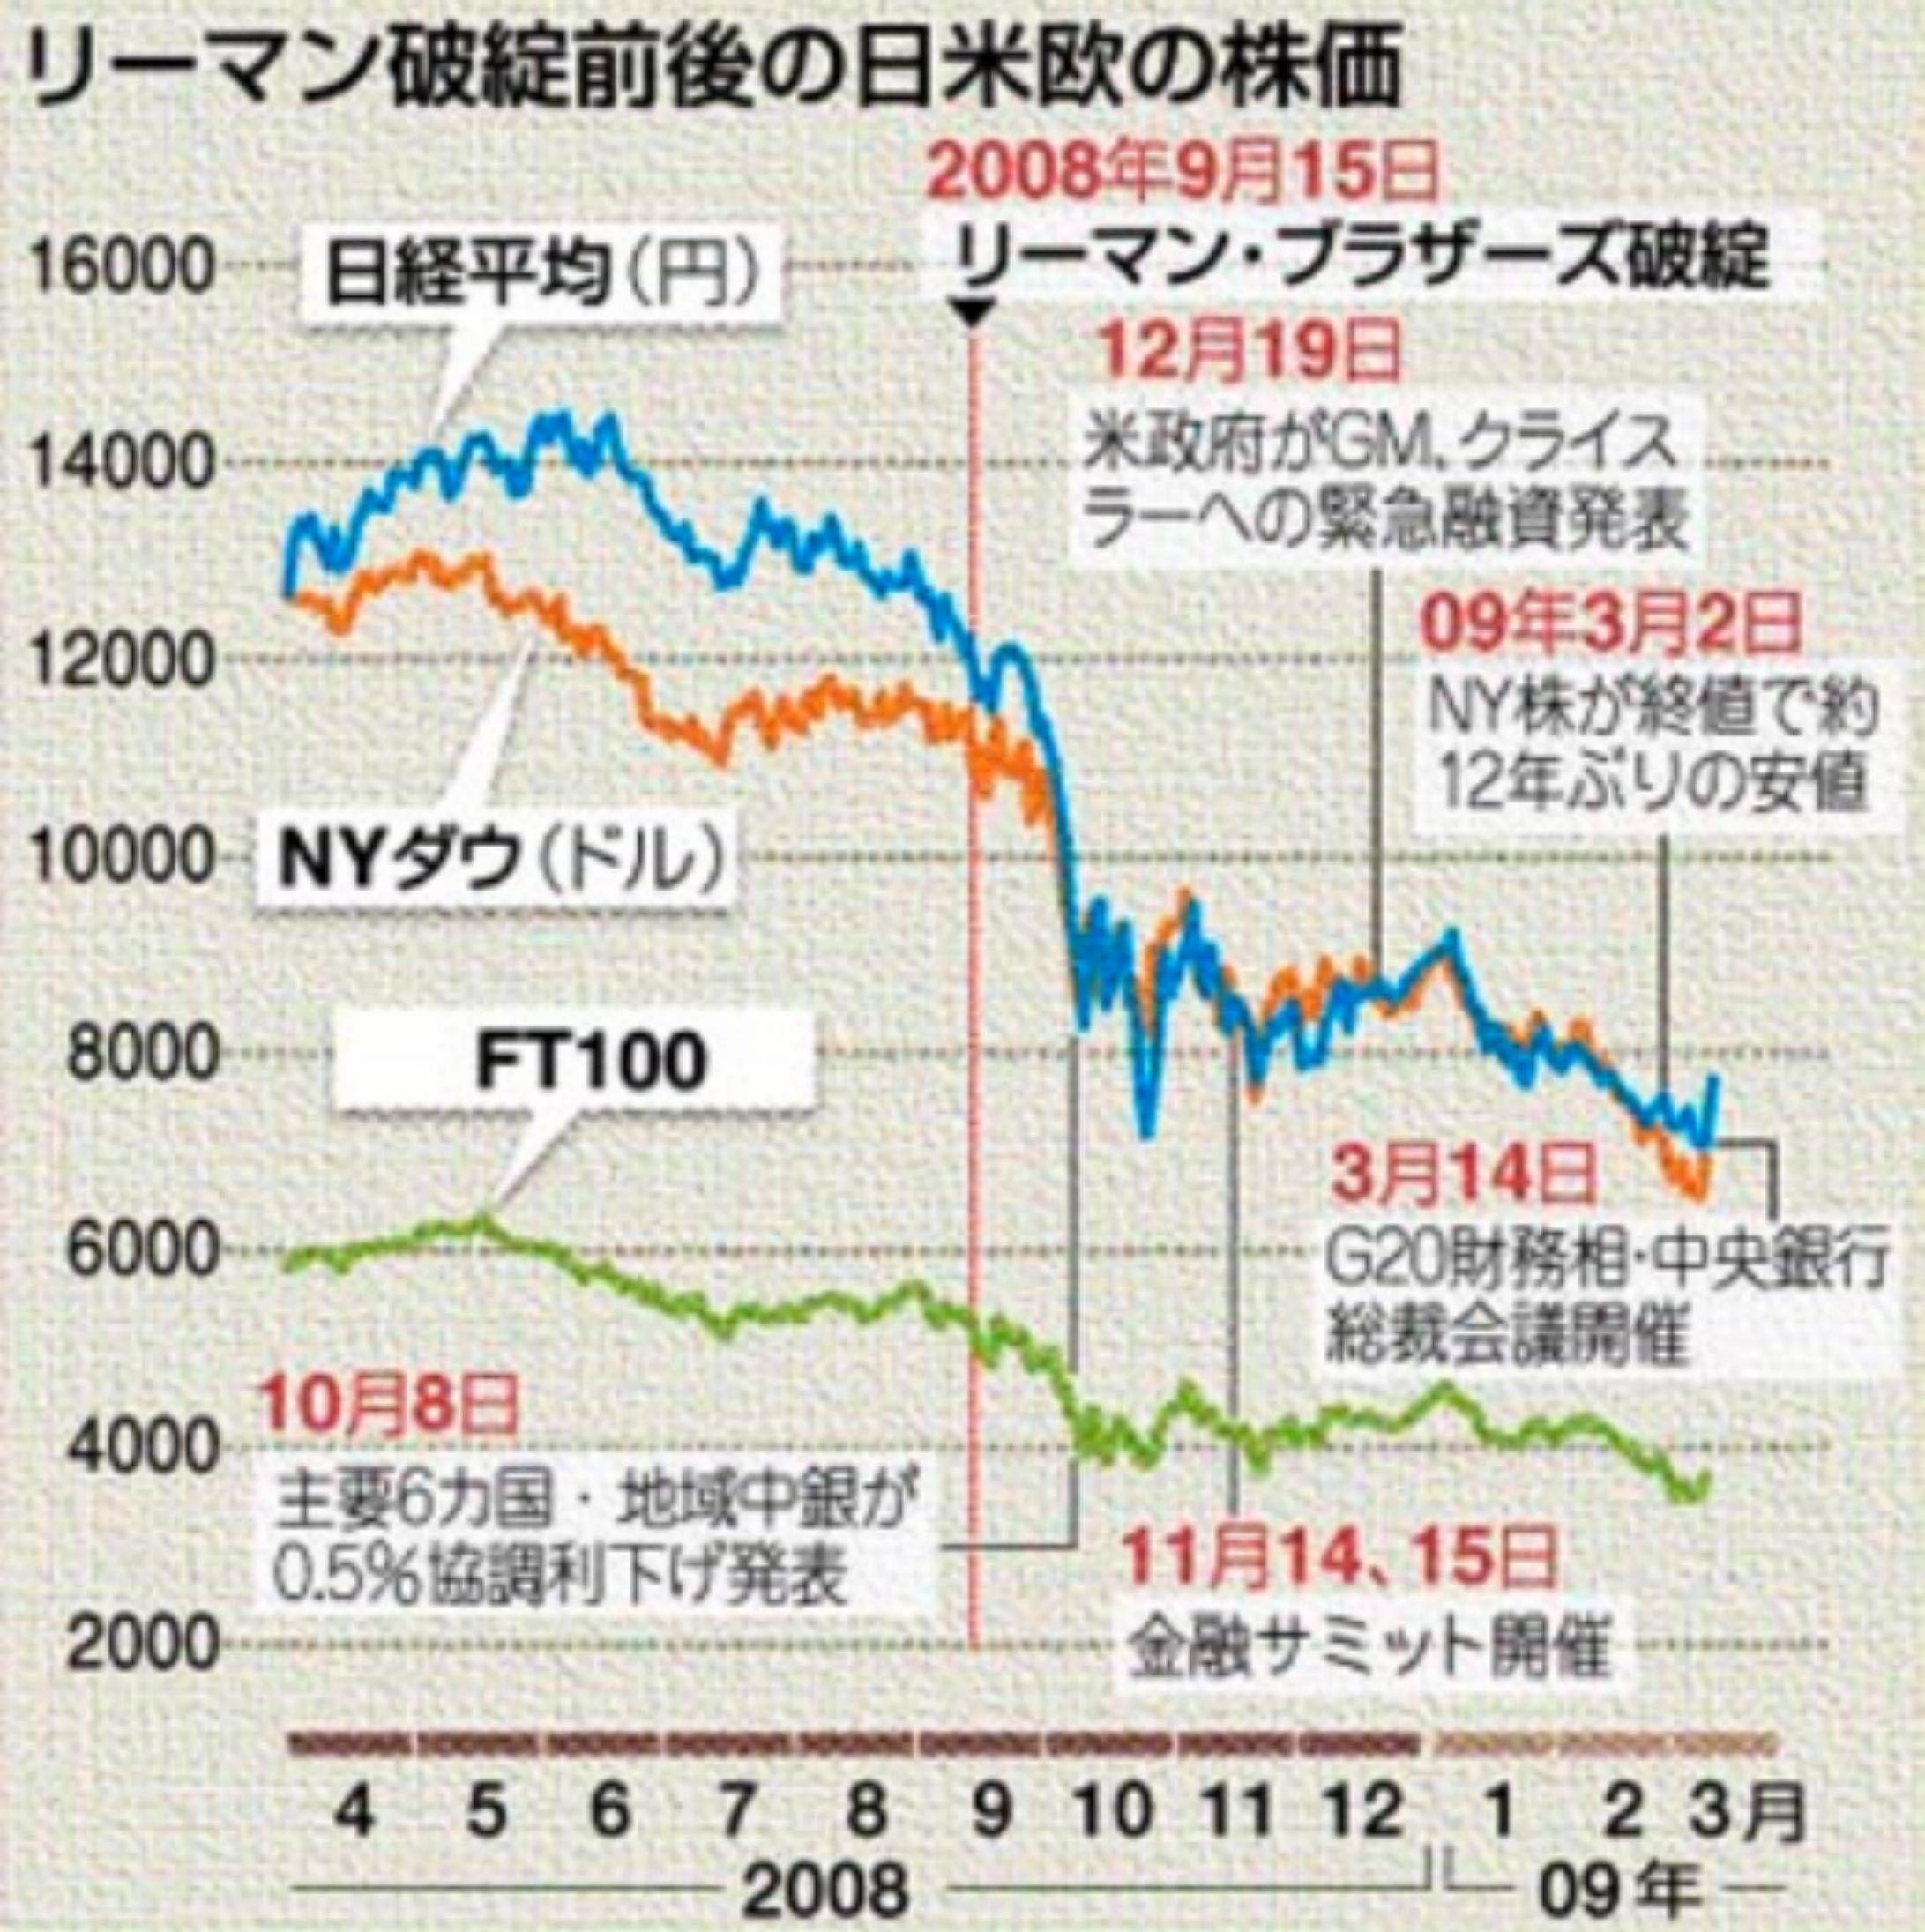 日米欧の株価の推移・比較